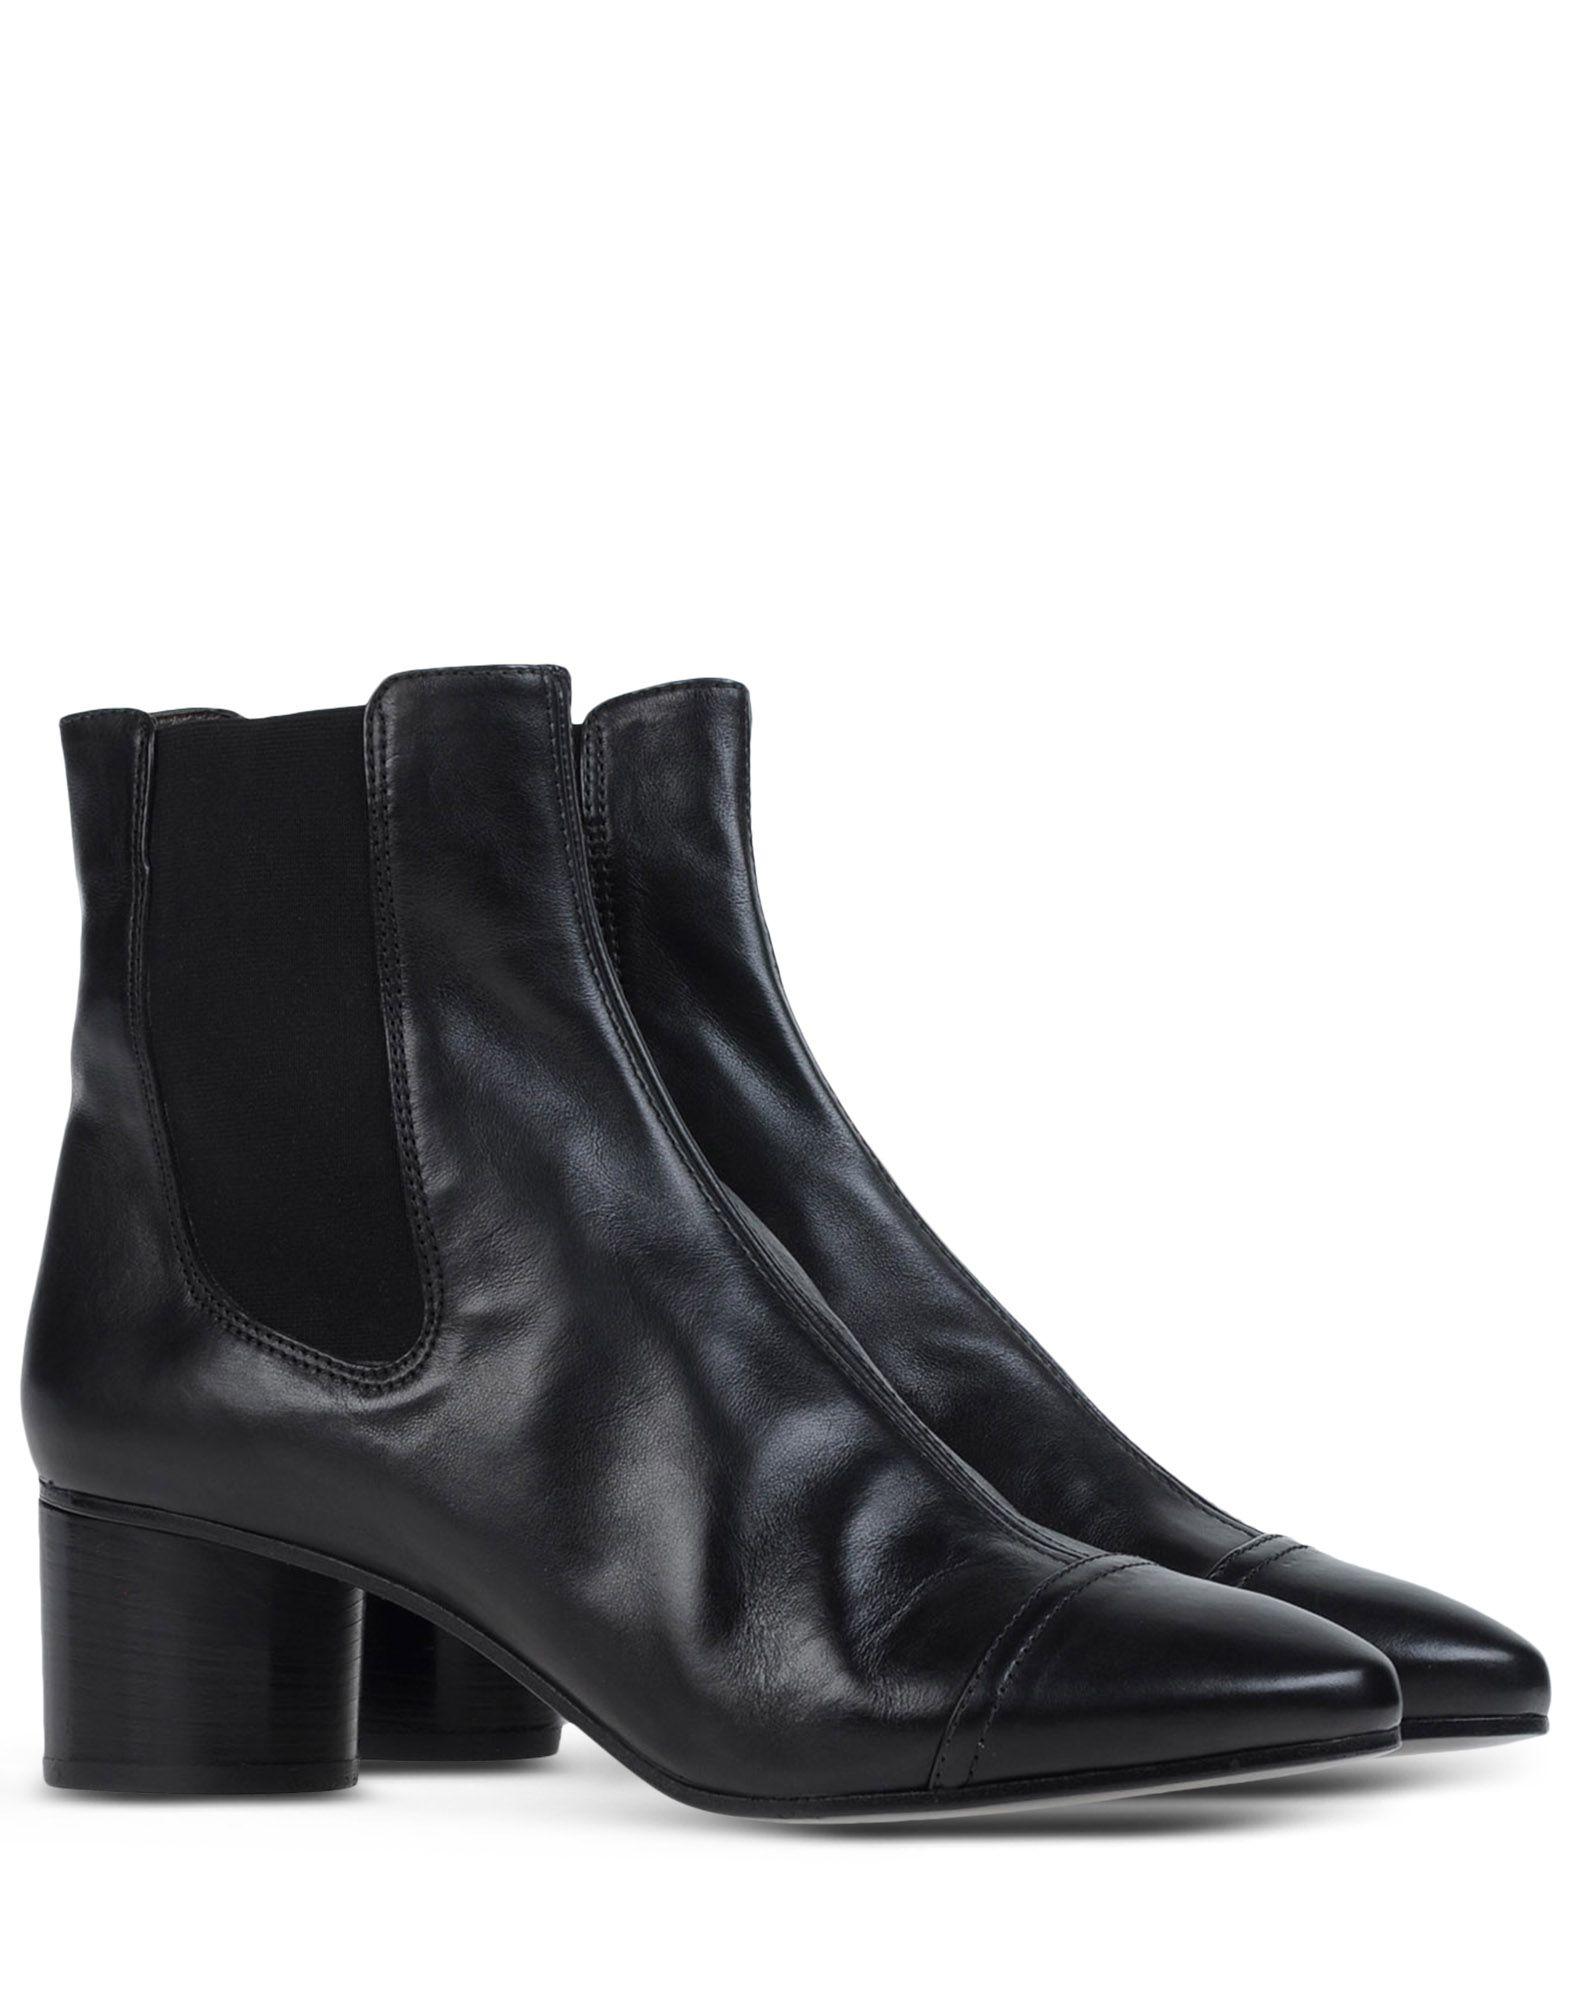 isabel marant heeled ankle boots in black lyst. Black Bedroom Furniture Sets. Home Design Ideas